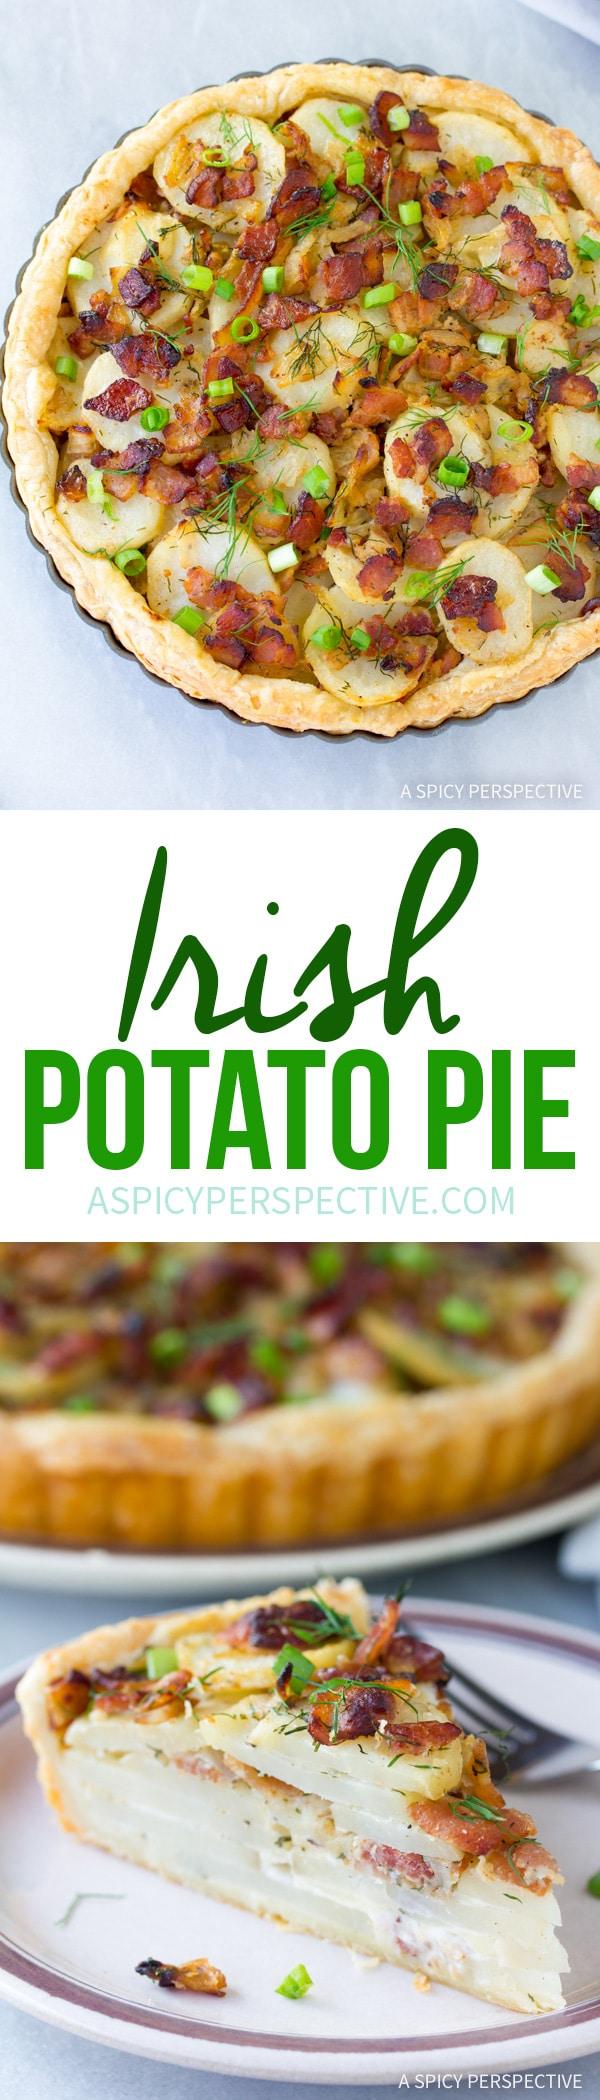 Amazing Irish Potato Pie Recipe #saintpatricksday